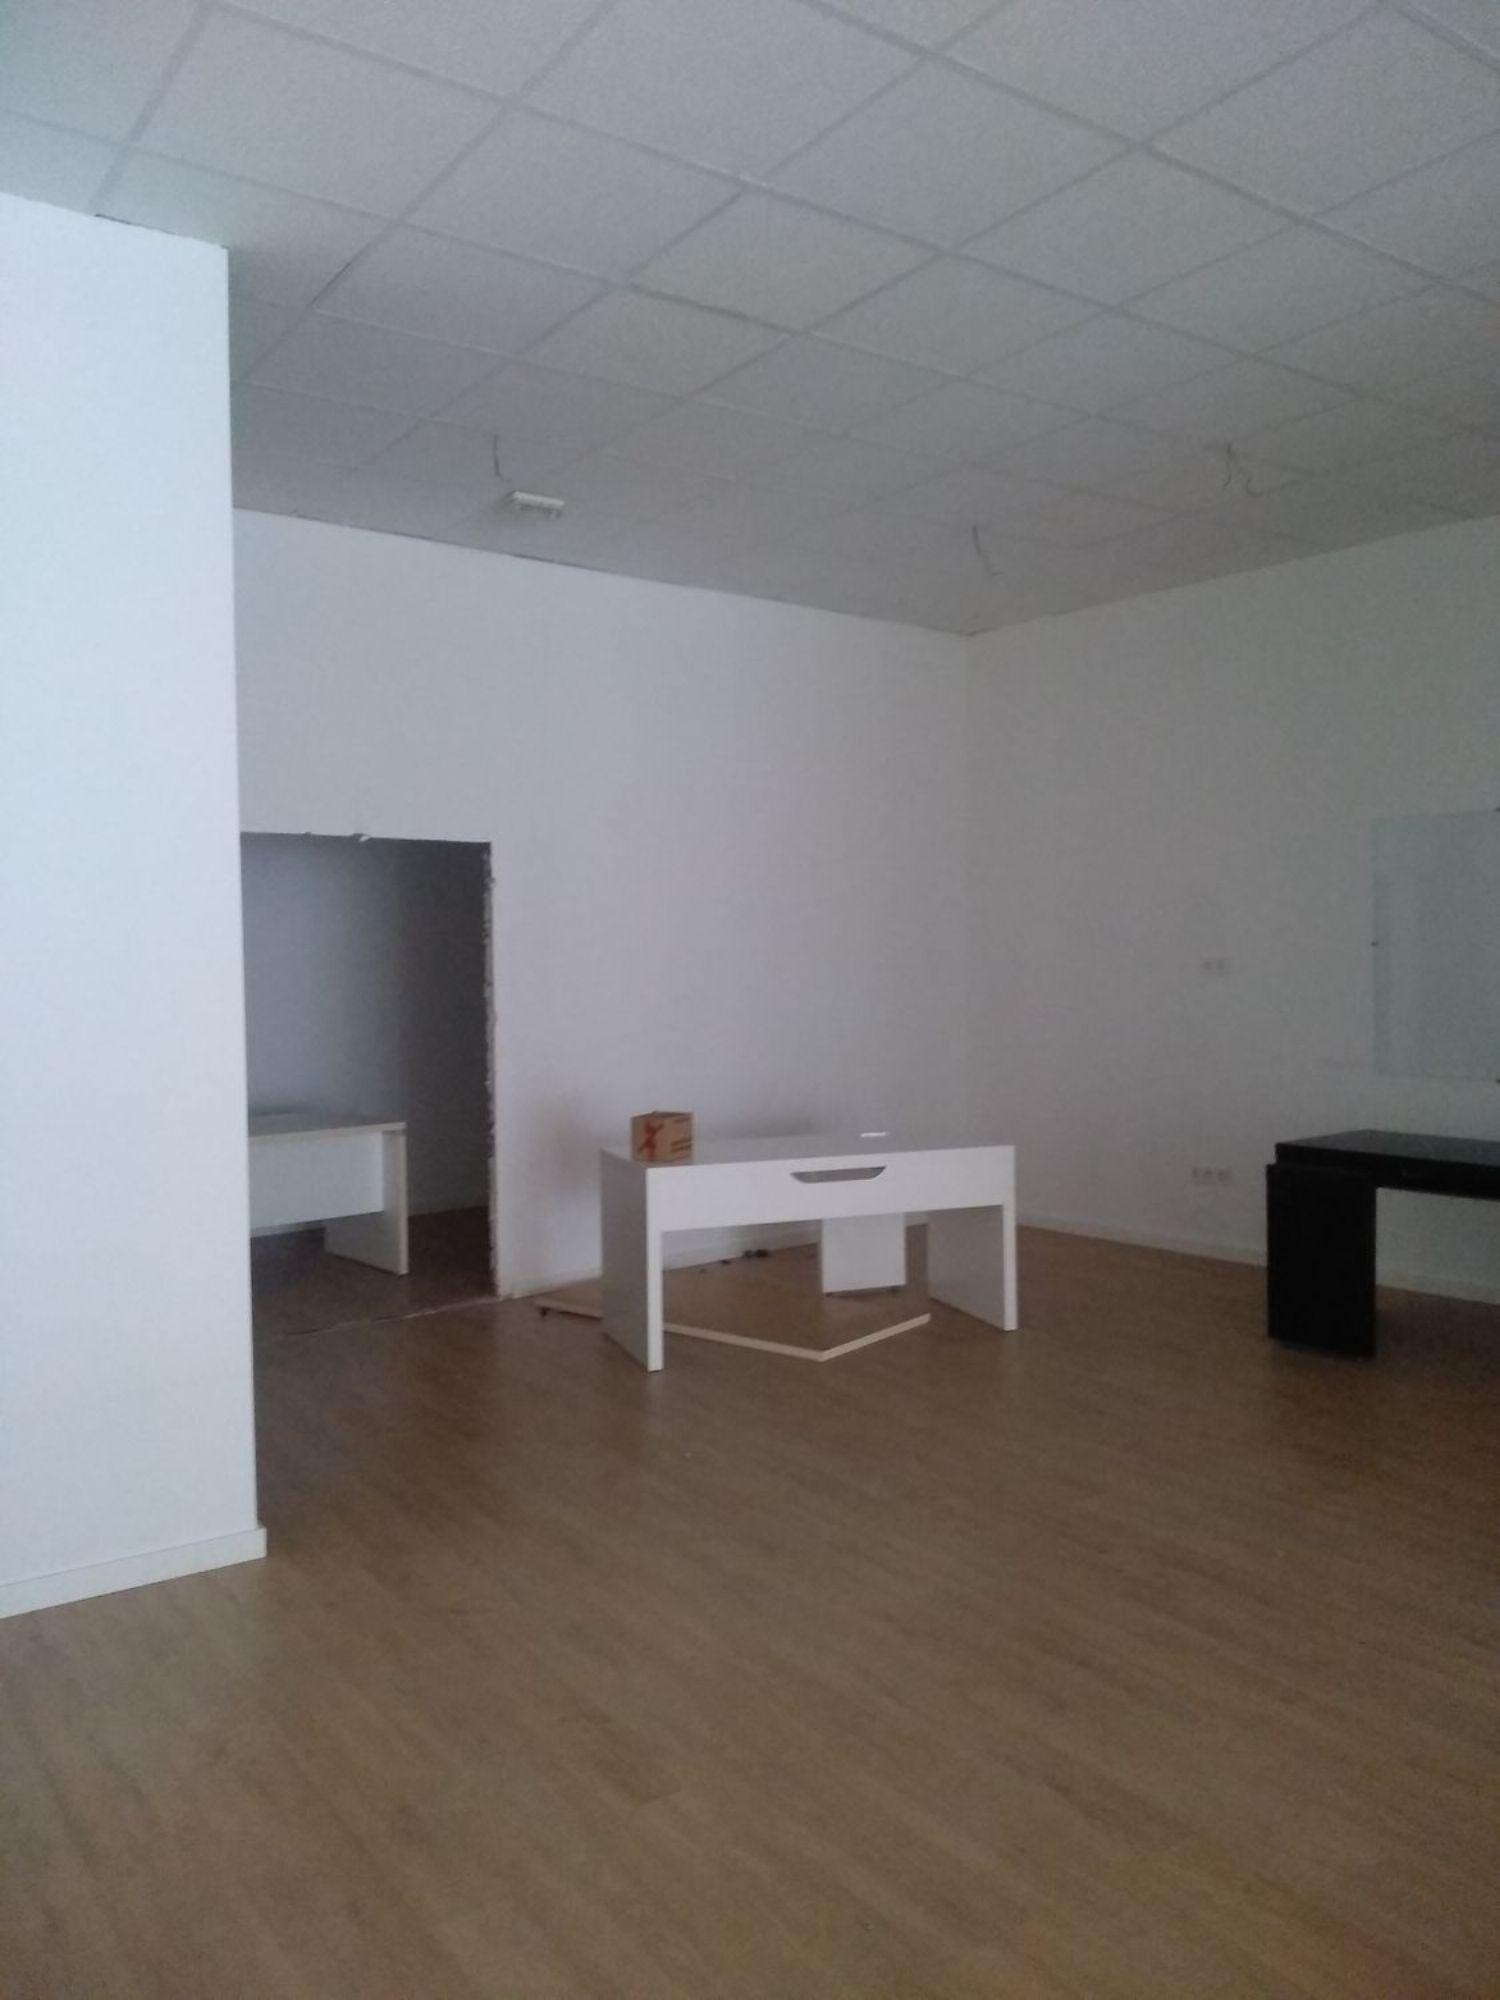 Otras propiedades en alquiler, Mar Amarillo, Madrid